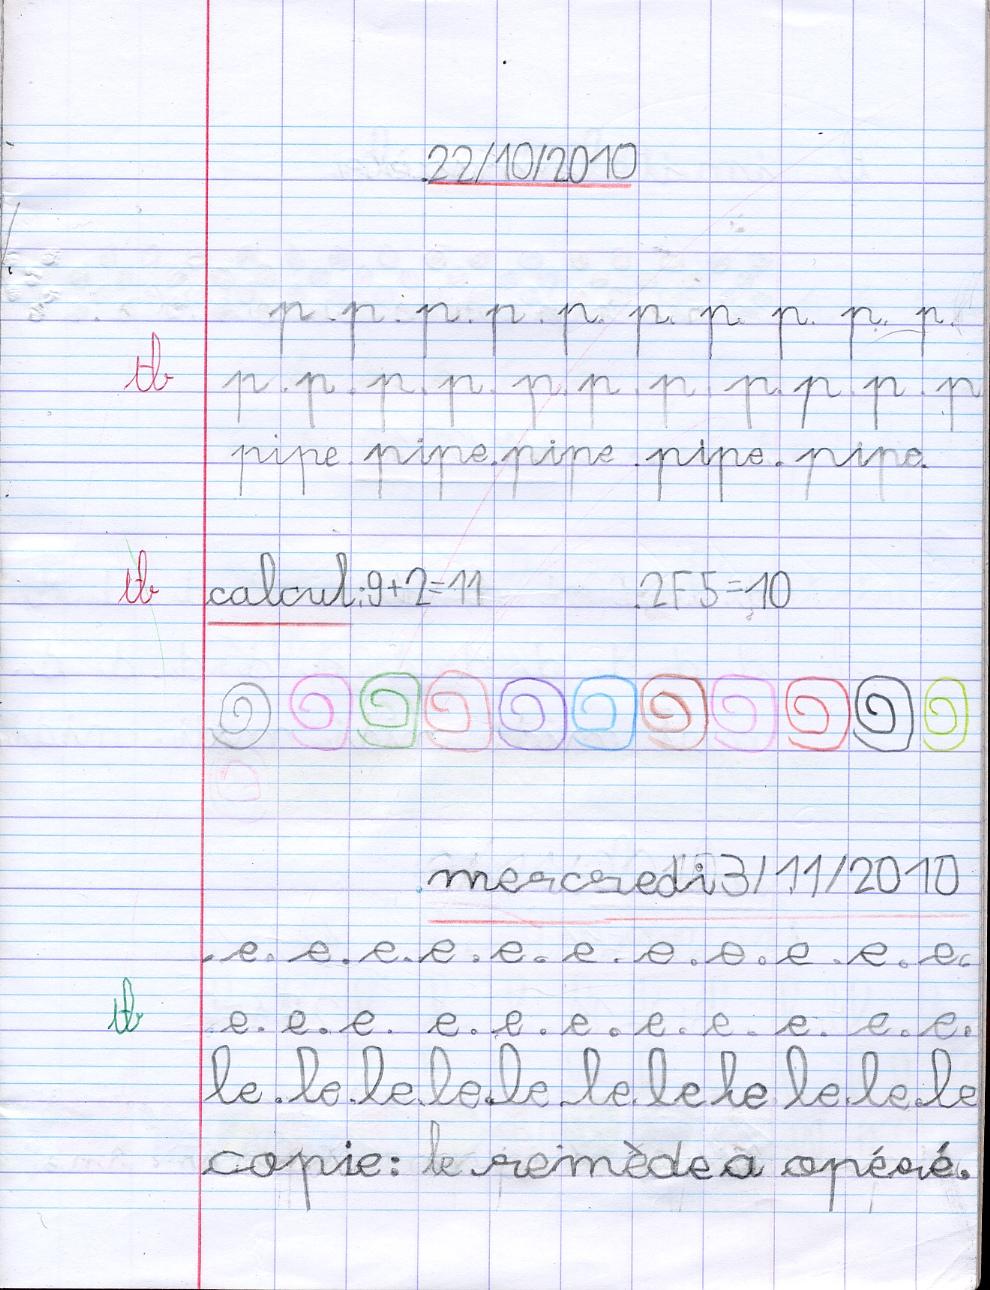 Souvent 2012/2013, JOURNAL de CLASSE, Cours préparatoire Néris-les-Bains  GF71